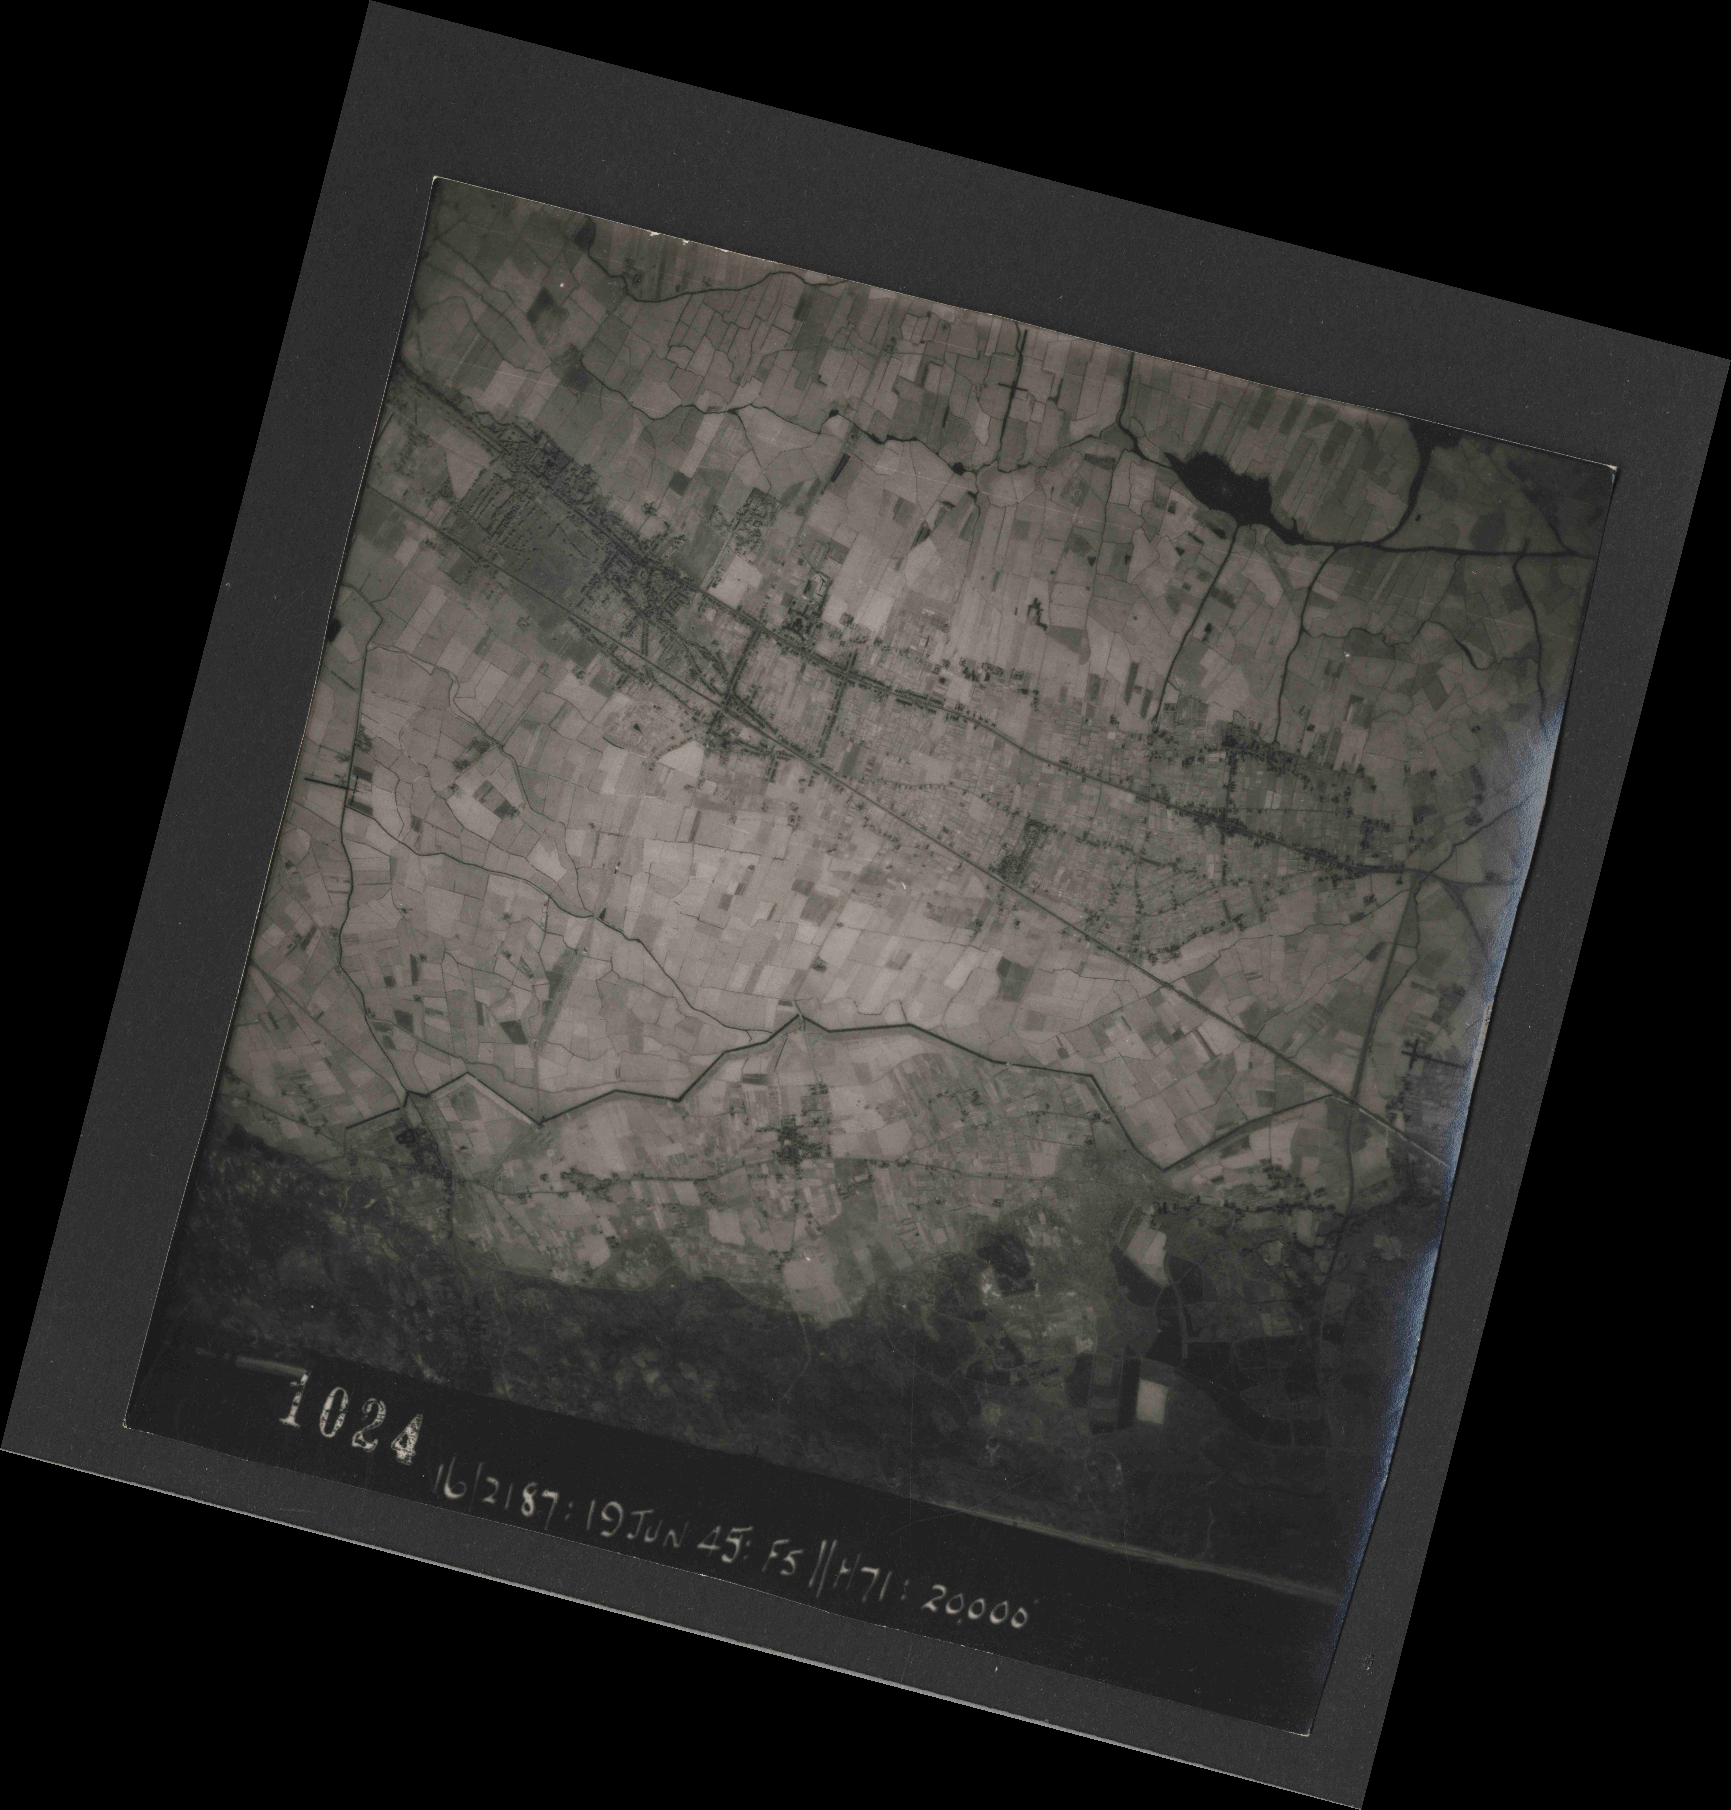 Collection RAF aerial photos 1940-1945 - flight 551, run 01, photo 1024